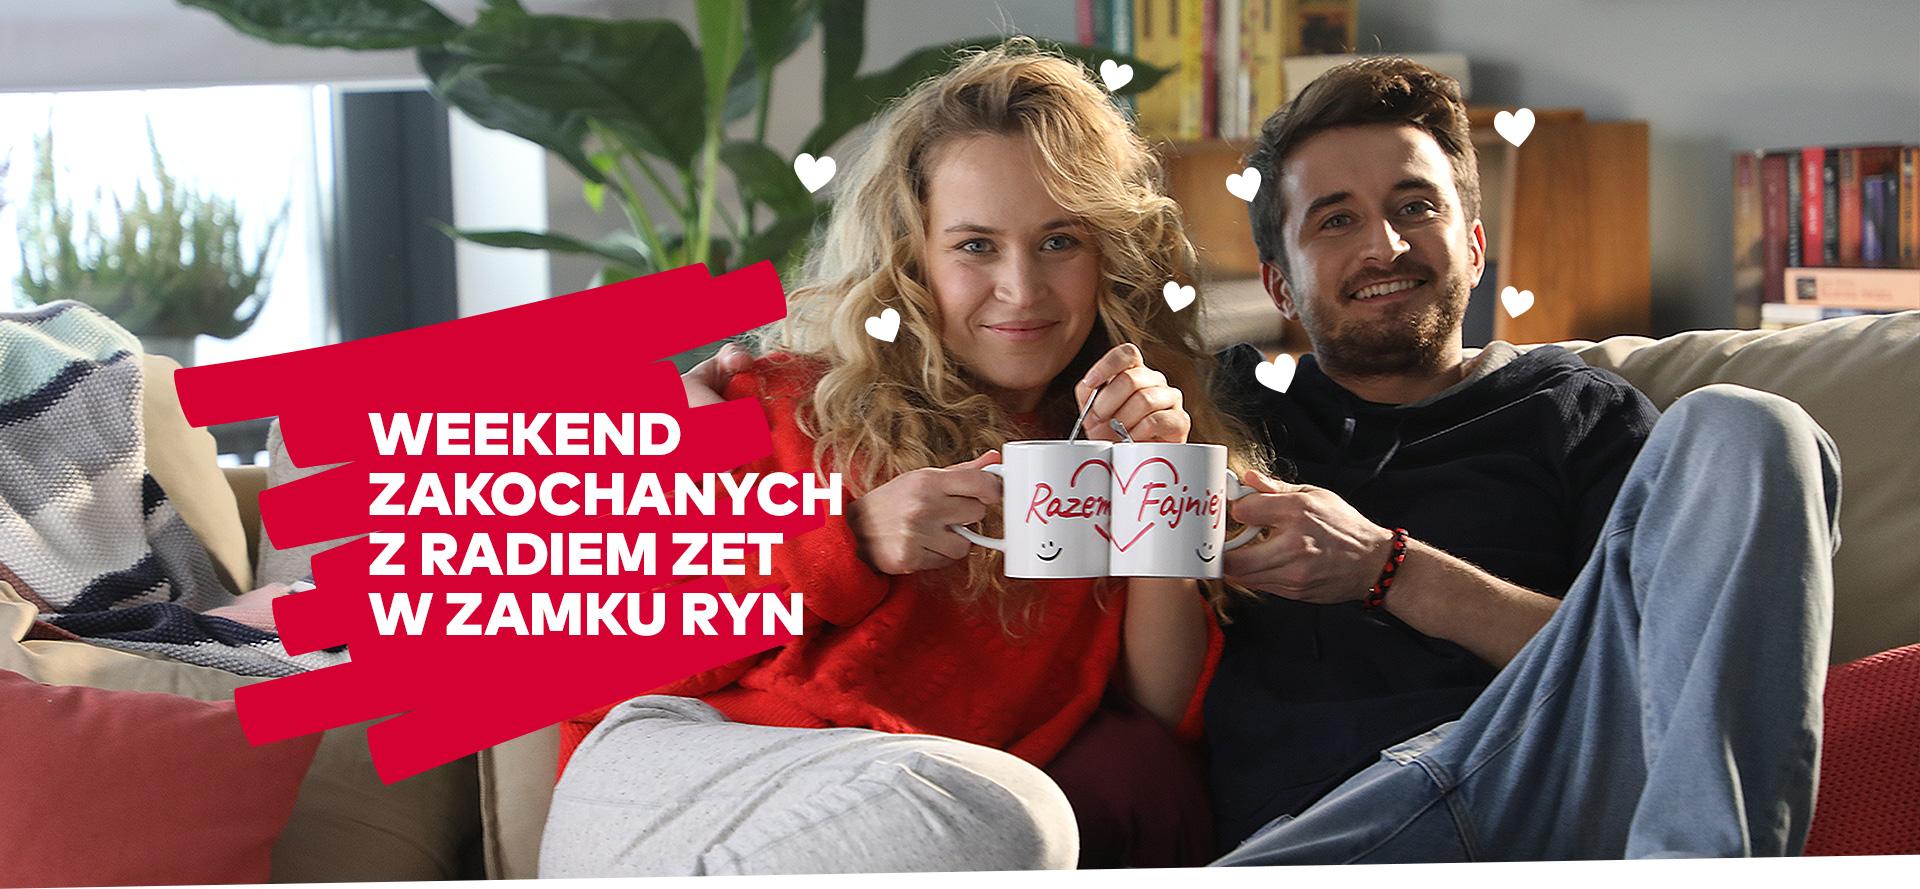 Weekend Zakochanych z Radiem ZET!